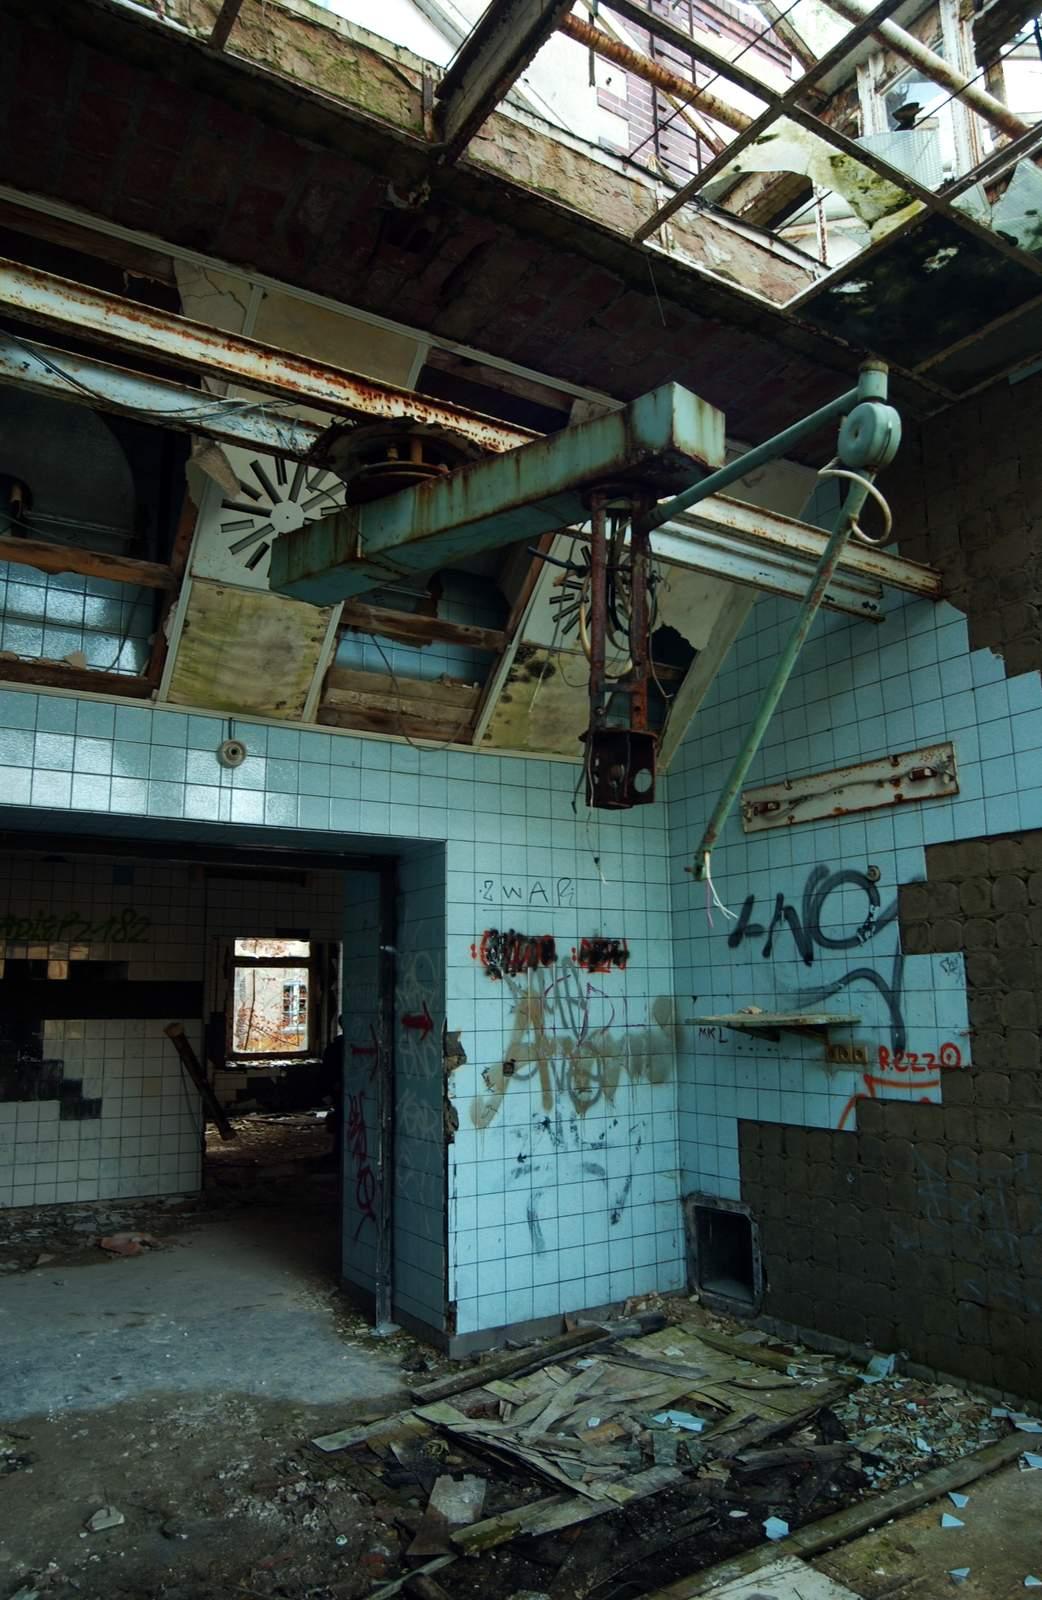 beelitz heilstatten1 Abandoned Beelitz Heilstatten Hospital